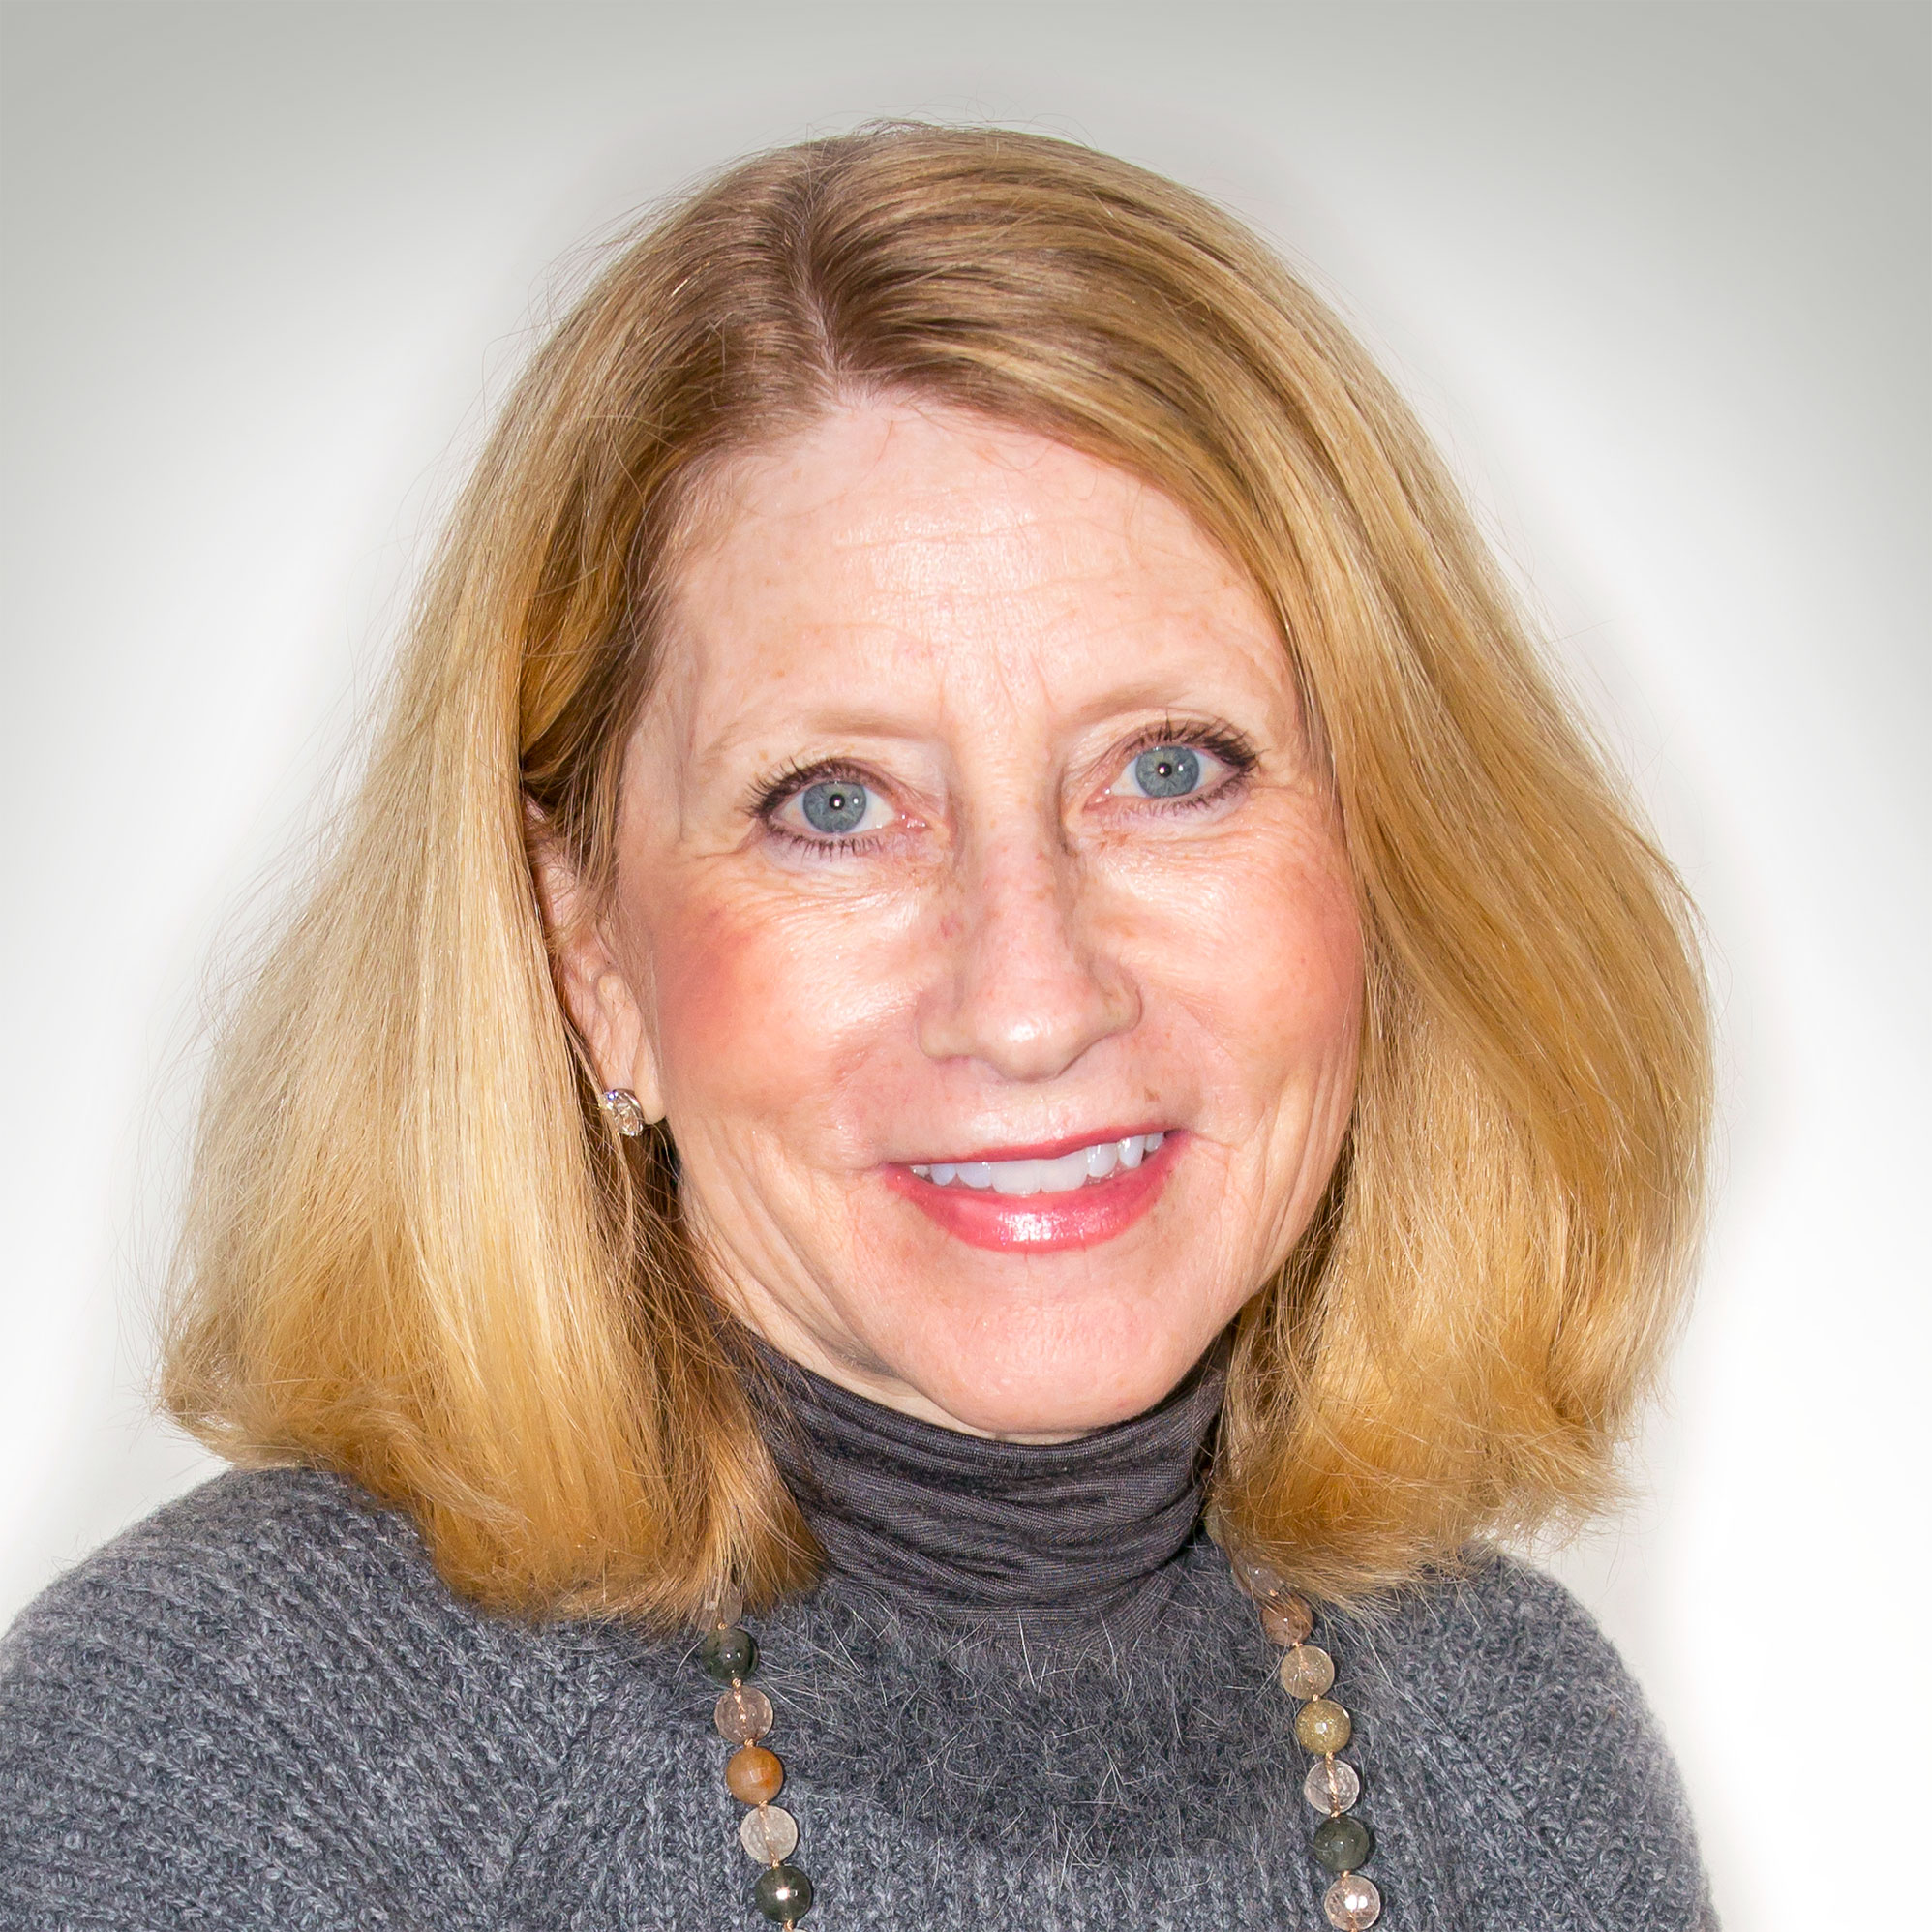 Debbie Oates